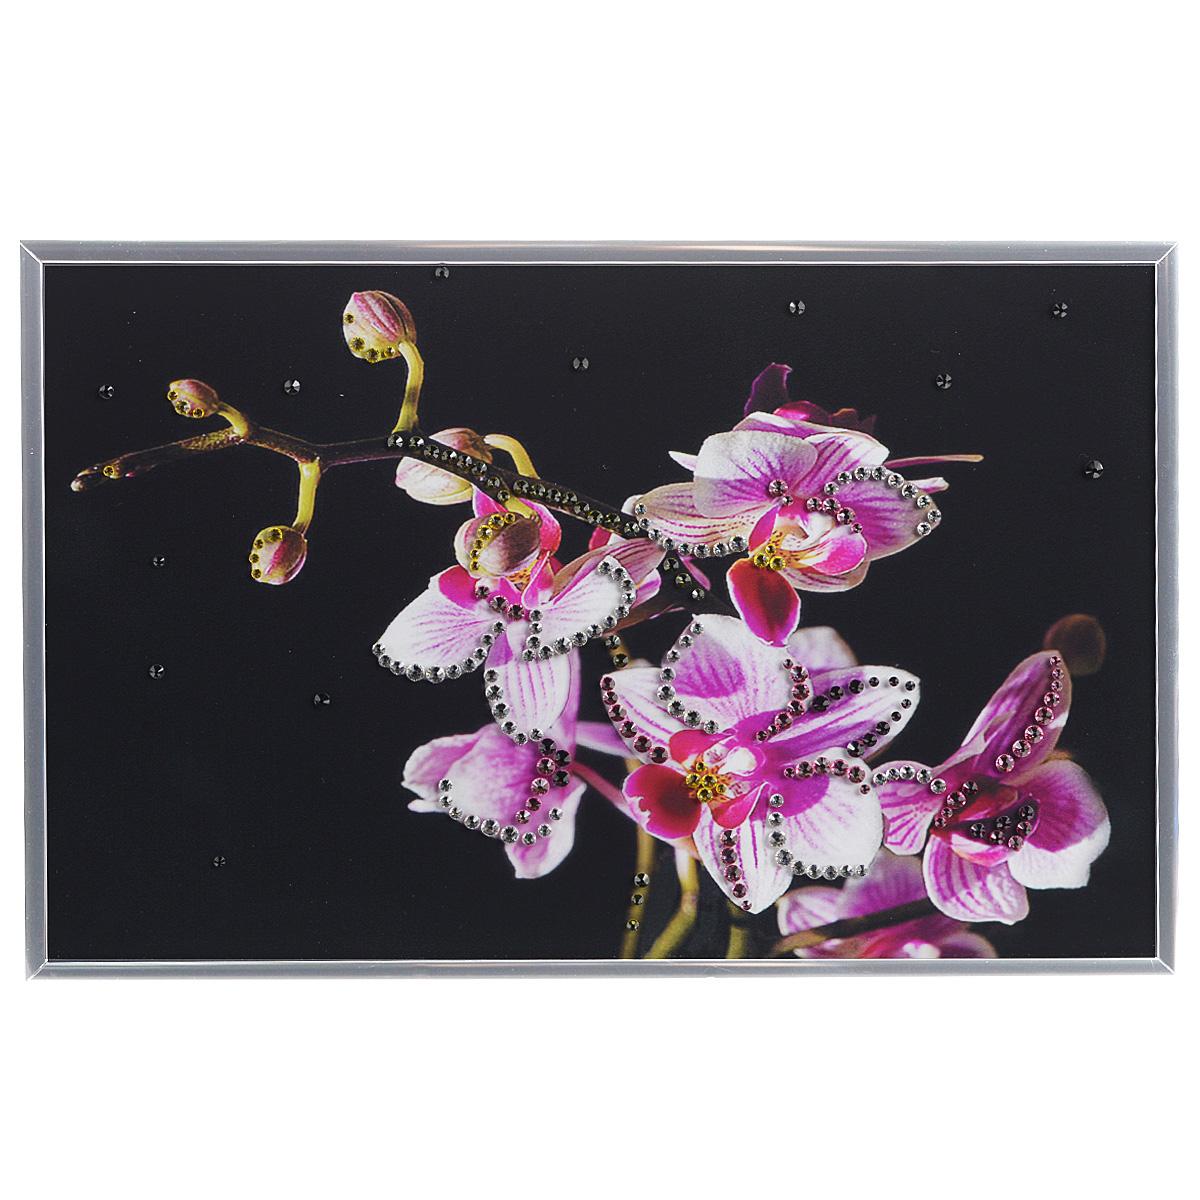 Картина с кристаллами Swarovski Маленькая орхидея, 30 х 20 см1205Изящная картина в металлической раме, инкрустирована кристаллами Swarovski, которые отличаются четкой и ровной огранкой, ярким блеском и чистотой цвета. Красочное изображение цветков орхидеи, расположенное под стеклом, прекрасно дополняет блеск кристаллов. С обратной стороны имеется металлическая петелька для размещения картины на стене. Картина с кристаллами Swarovski Маленькая орхидея элегантно украсит интерьер дома или офиса, а также станет прекрасным подарком, который обязательно понравится получателю. Блеск кристаллов в интерьере, что может быть сказочнее и удивительнее. Картина упакована в подарочную картонную коробку синего цвета и комплектуется сертификатом соответствия Swarovski.